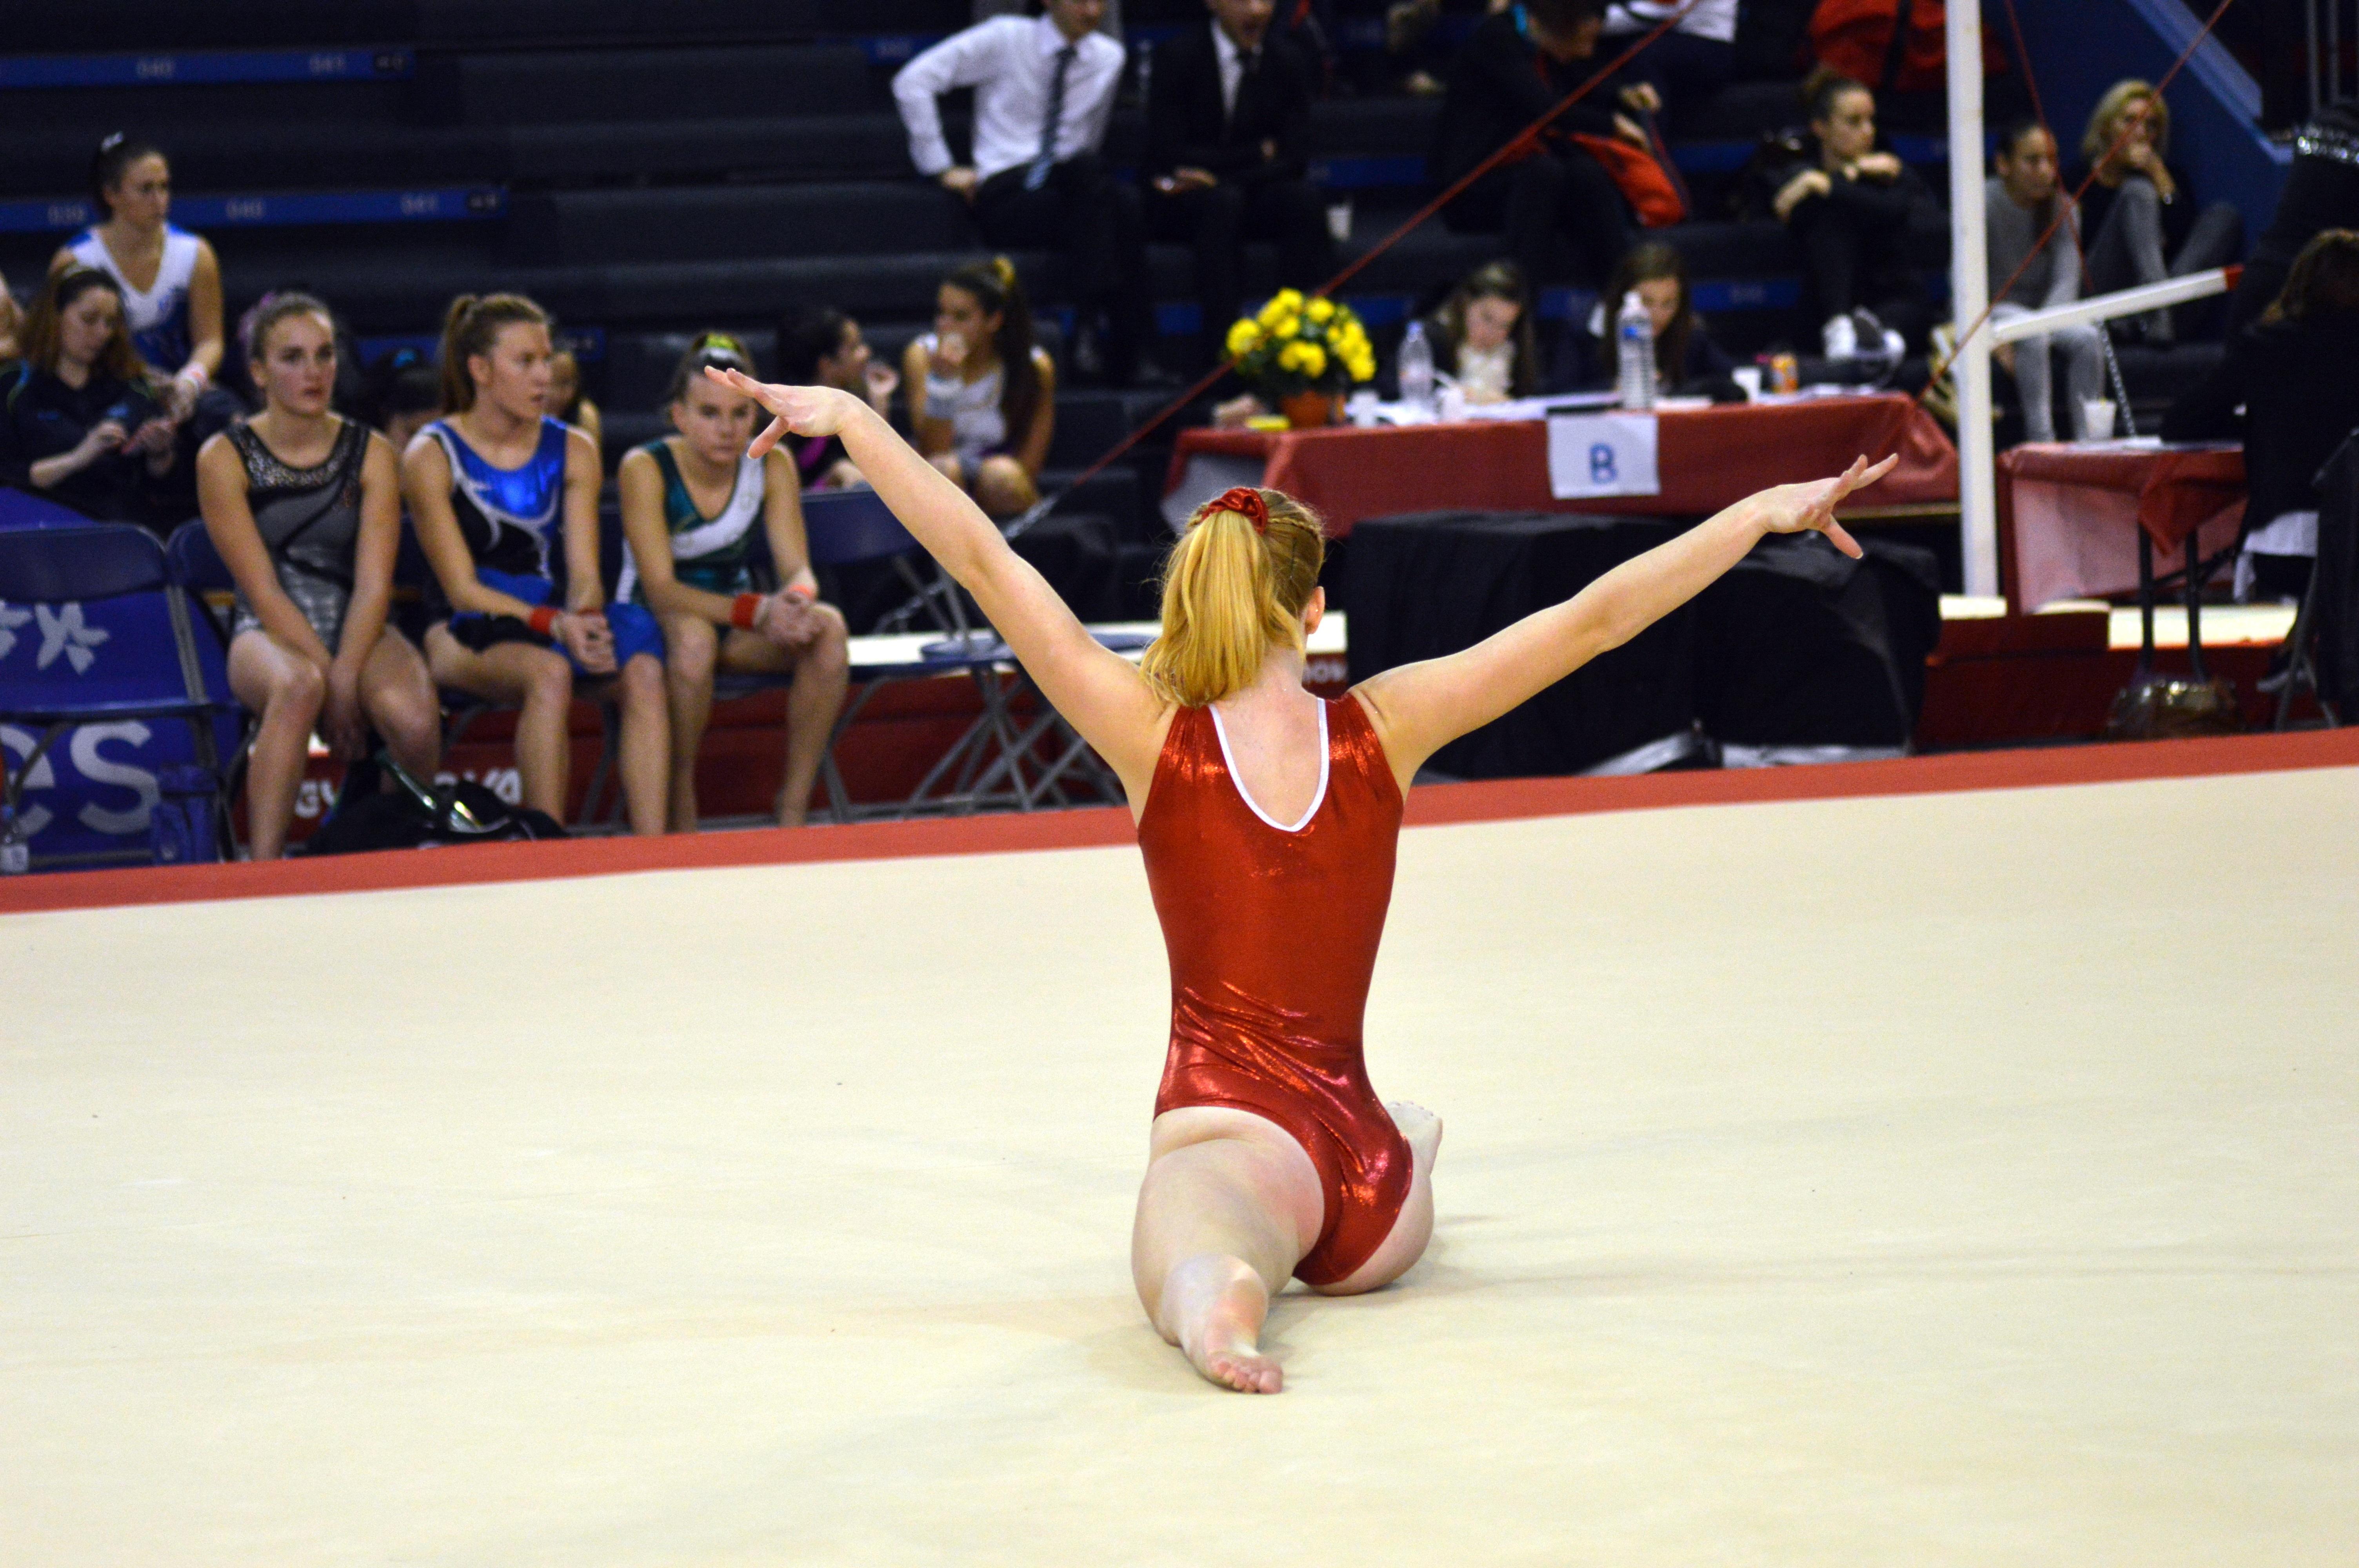 Fotos Gratis Deporte Competencia Alfombra